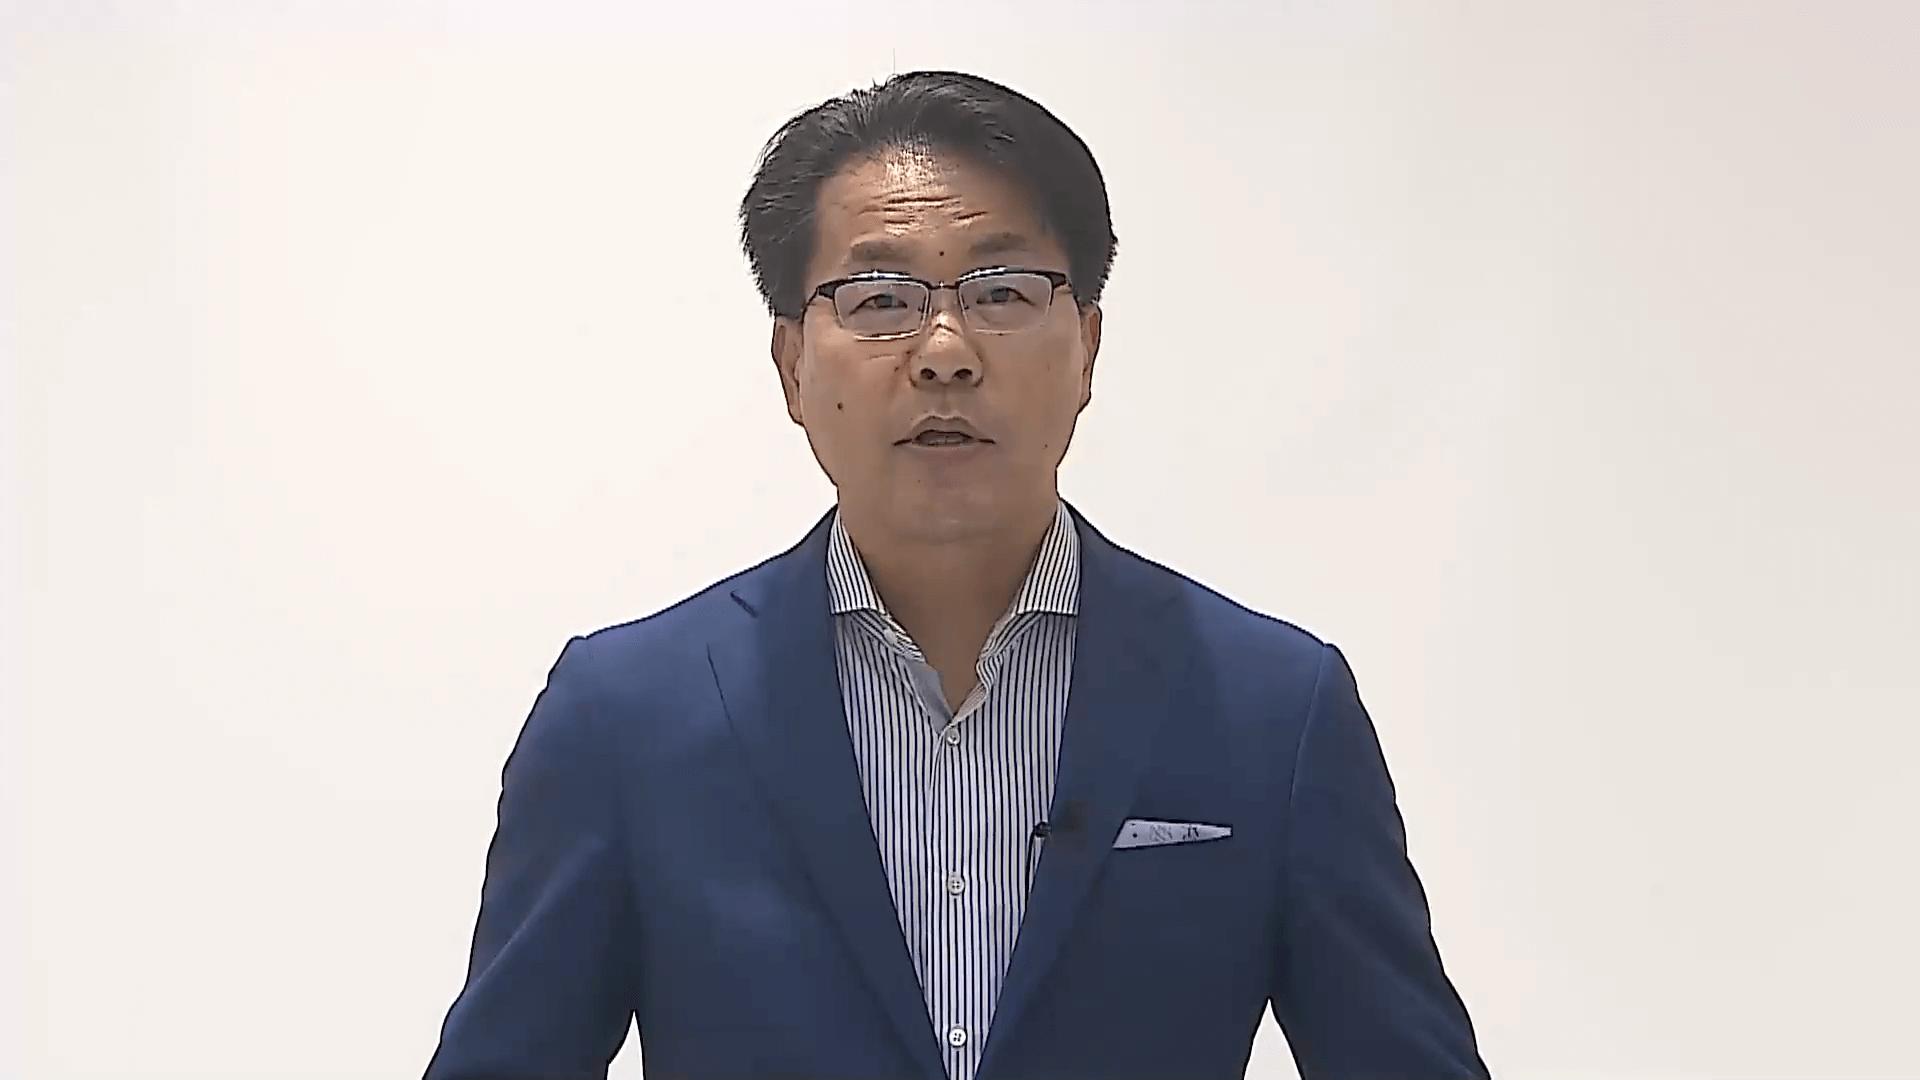 弥生PAPカンファレンス2020秋 弥生株式会社代表取締役社長岡本浩一郎